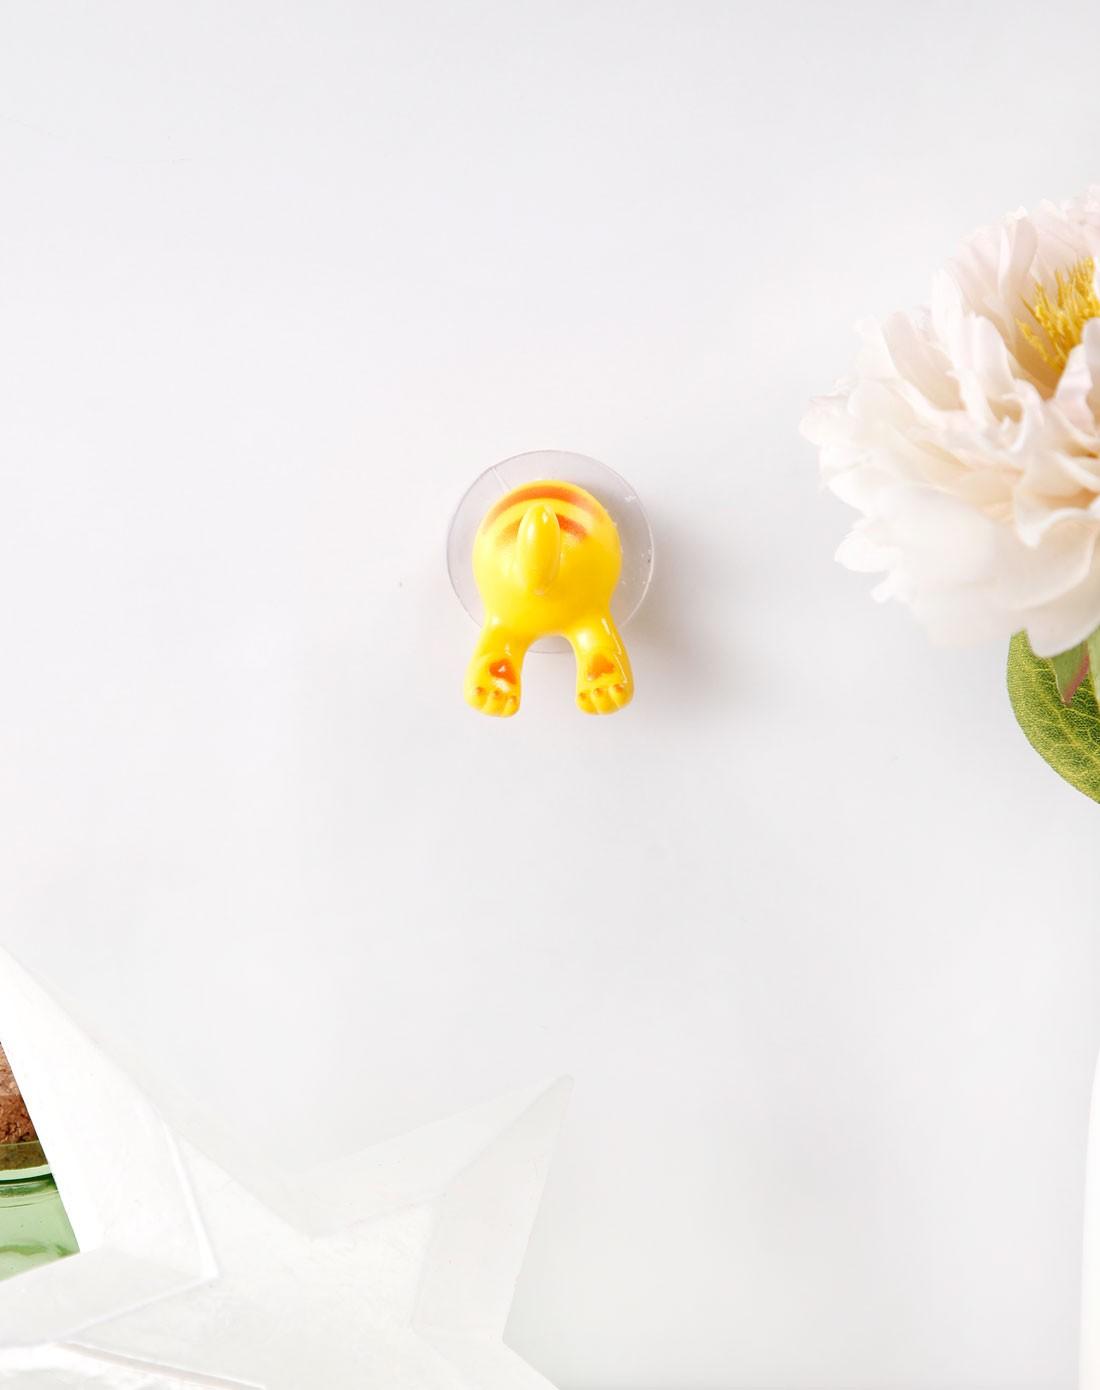 sense家居用品专场黄色创意卡通动物尾巴h